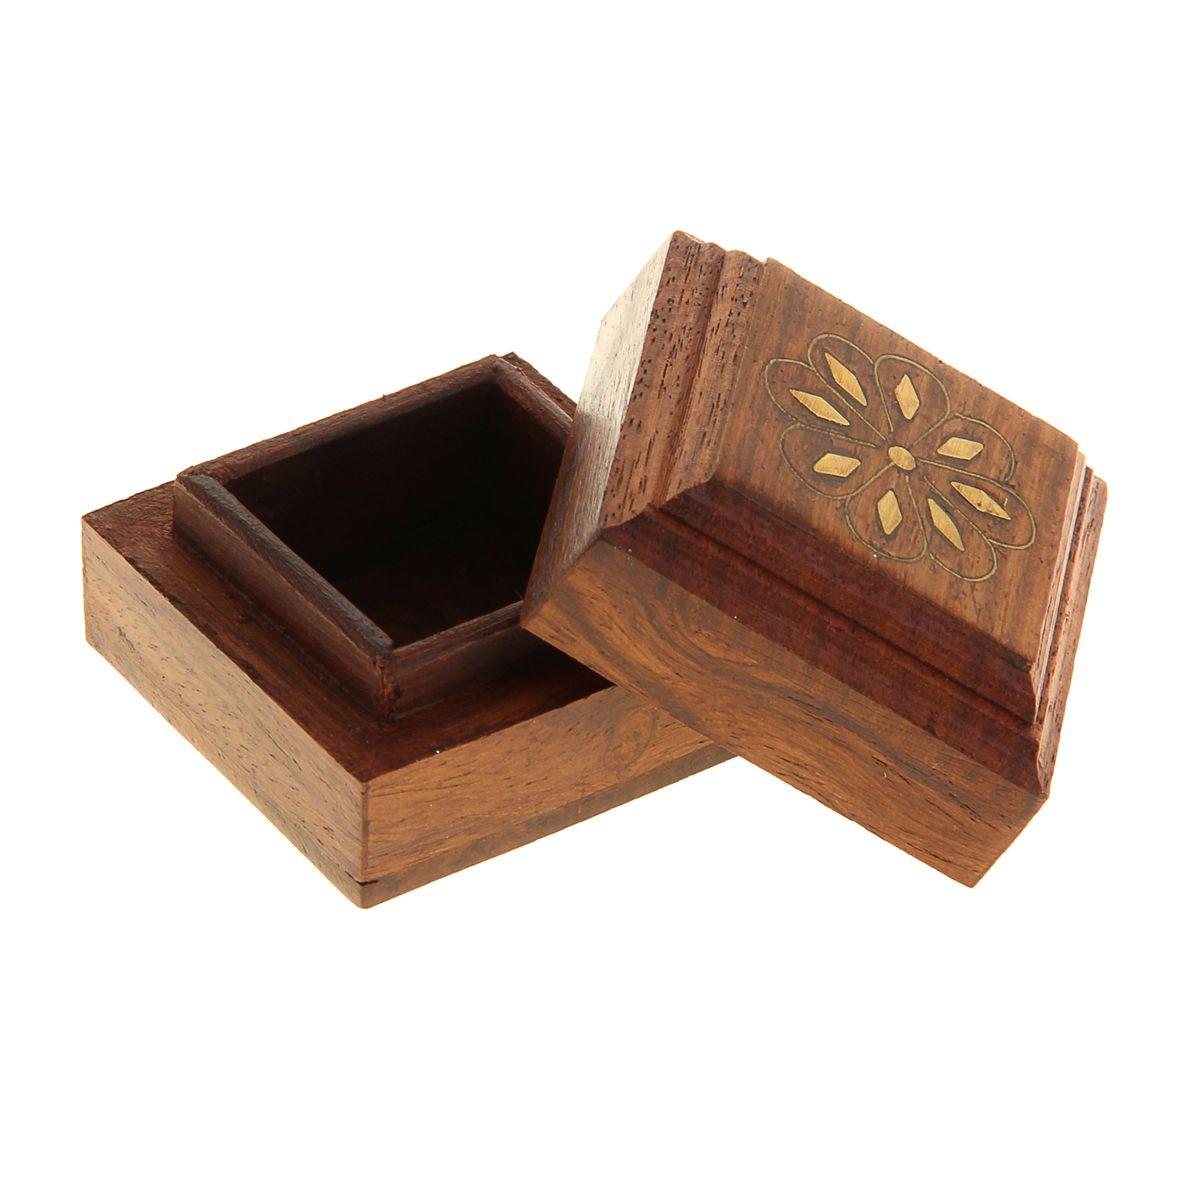 """Шкатулка деревянная """"Ромашка"""", 5 см х 5 см х 3,5 см. 806428"""